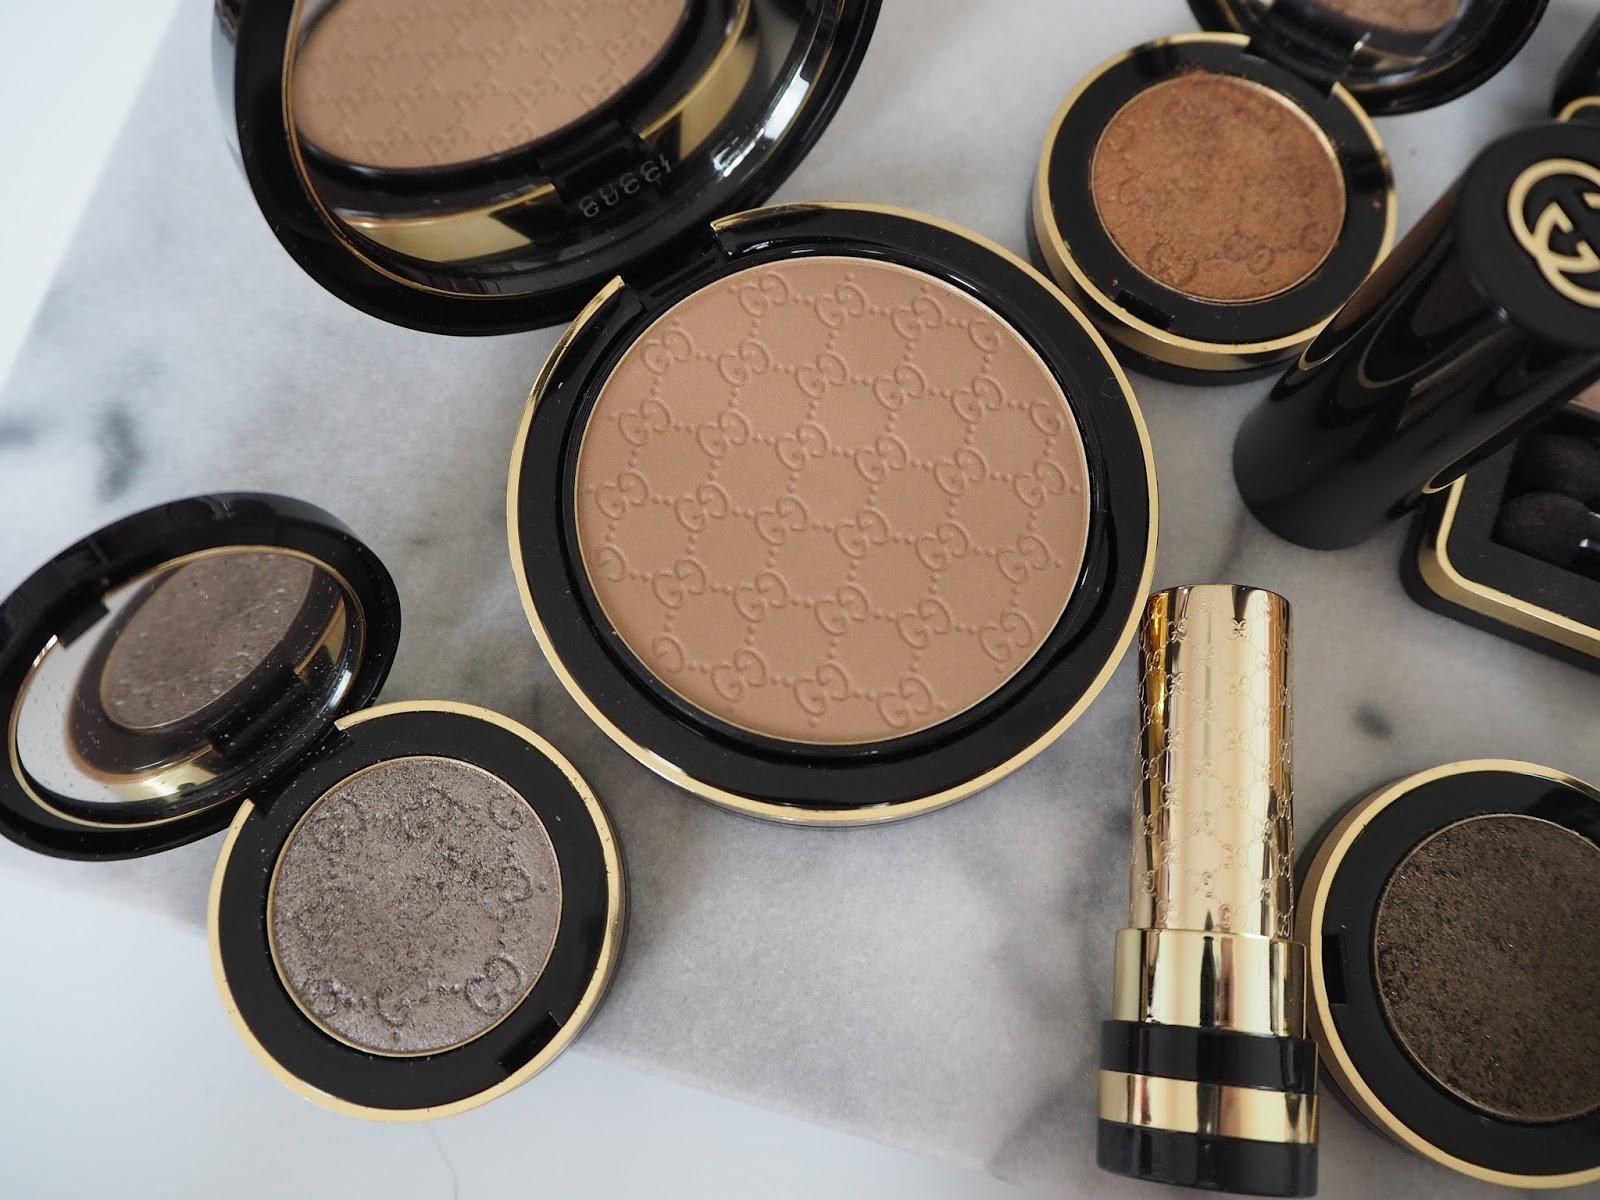 The review: Gucci Golden Glow Bronzer in 020 Oriental Sienna